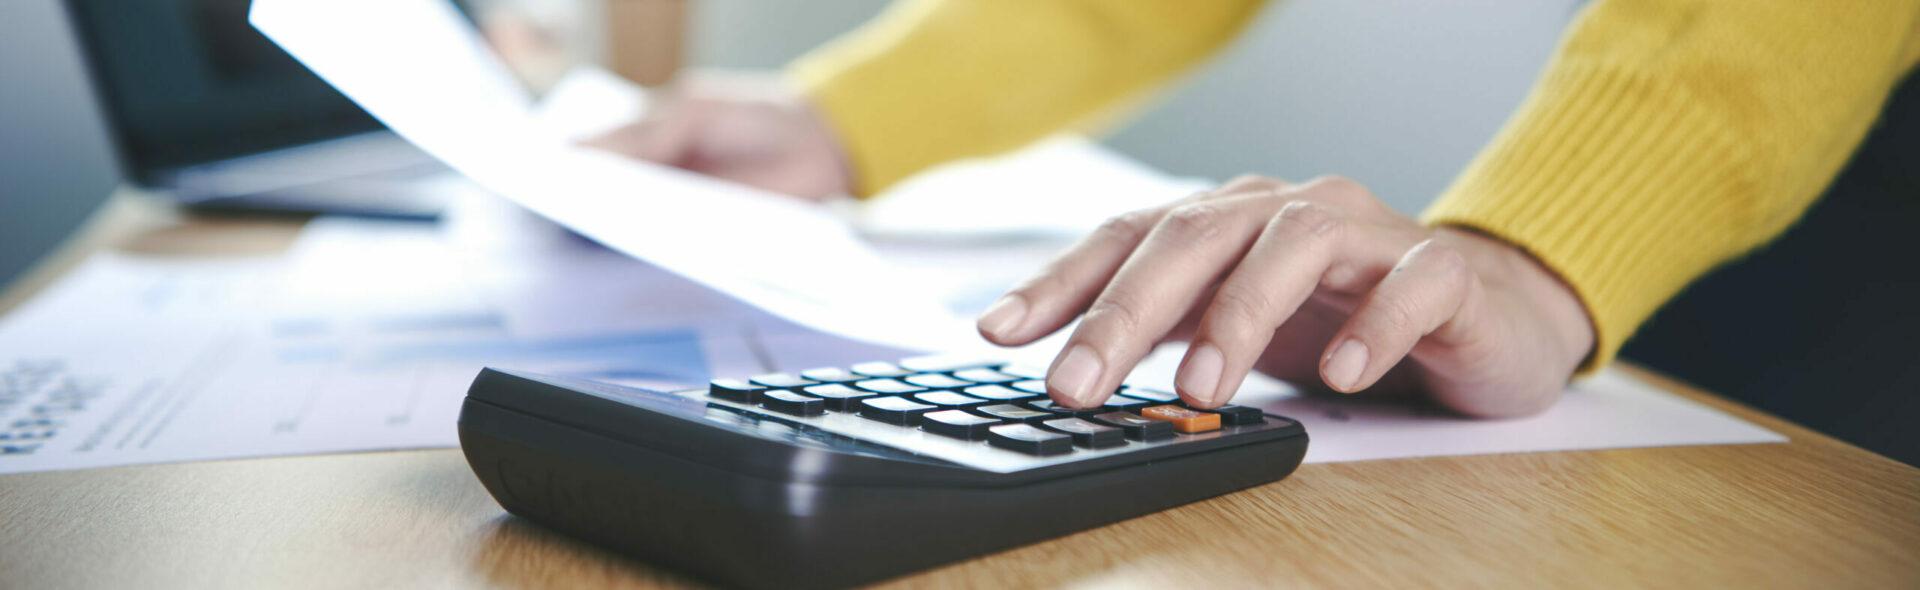 IFI impôt sur la fortune immobilière